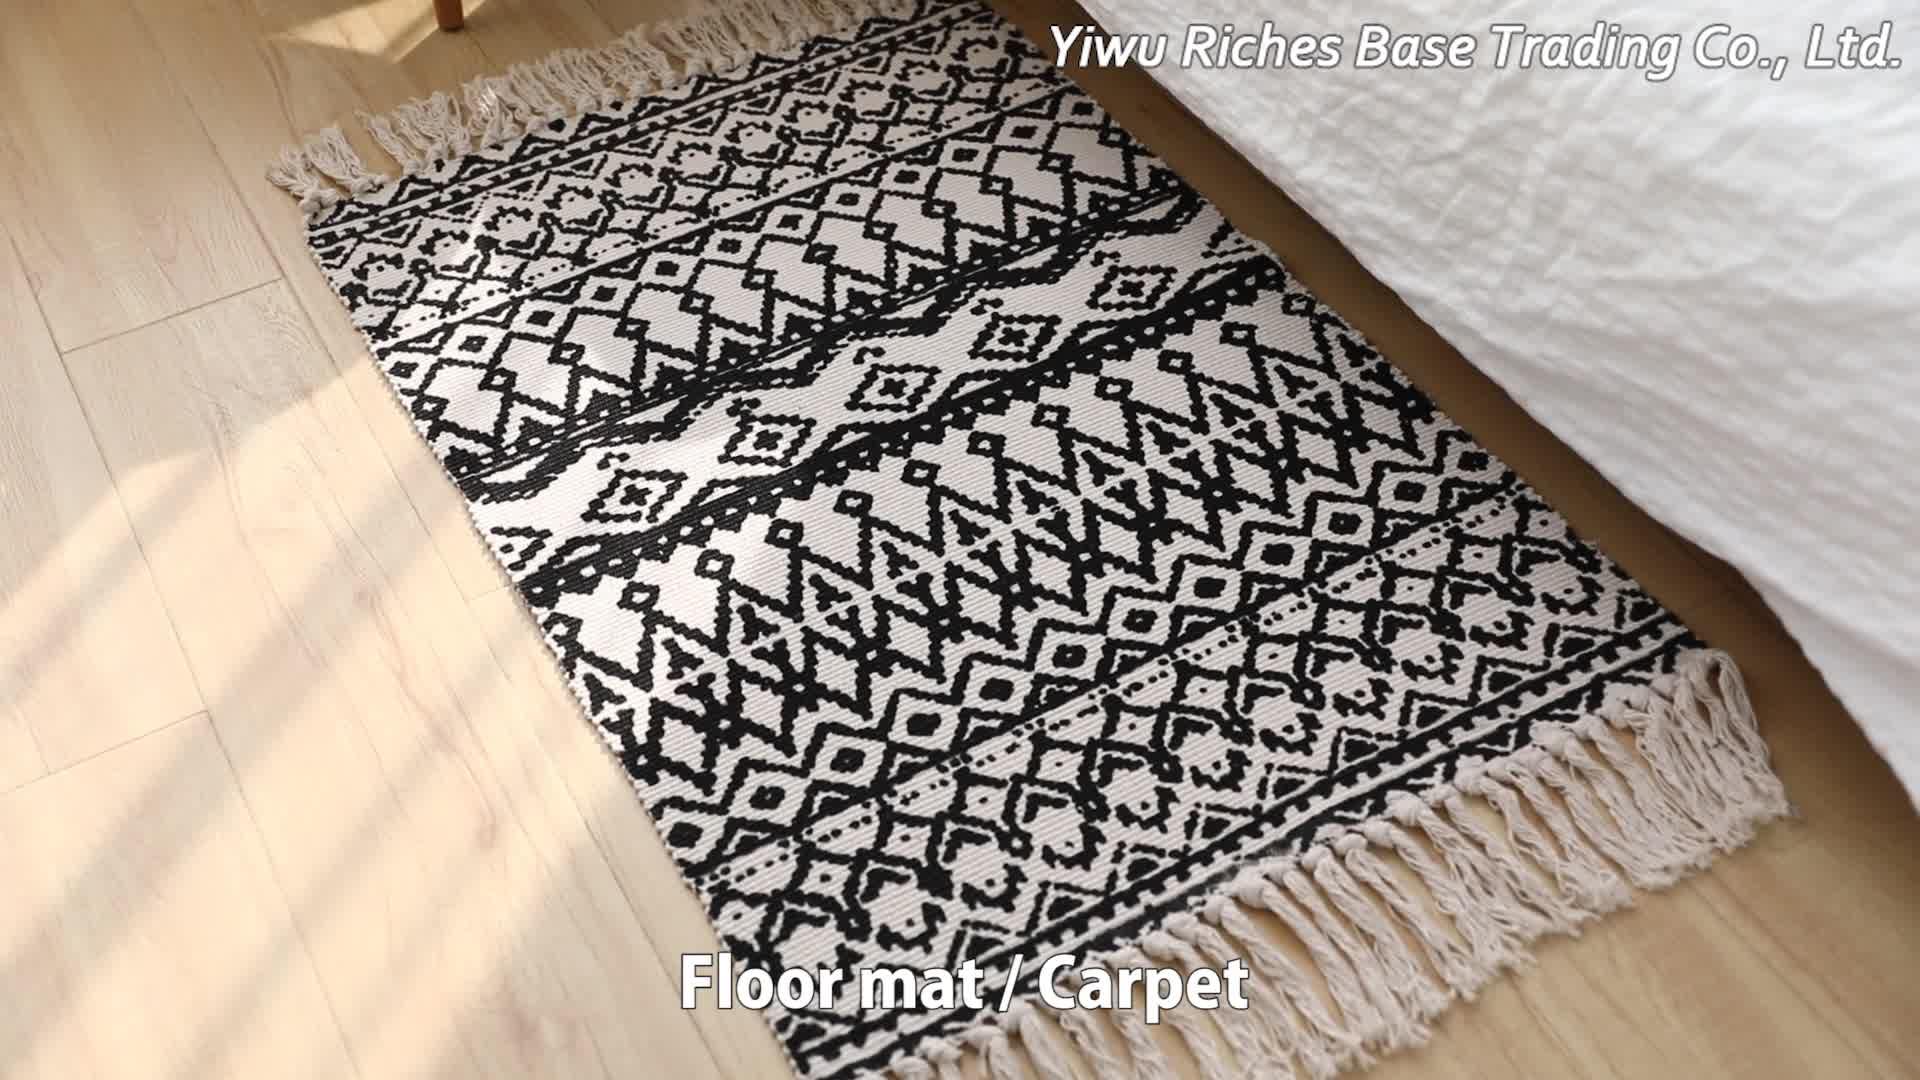 Скандинавский дизайн, хлопковый тканый ковер на заказ для гостиной, шелковый ковер с принтом, ковер с кисточками